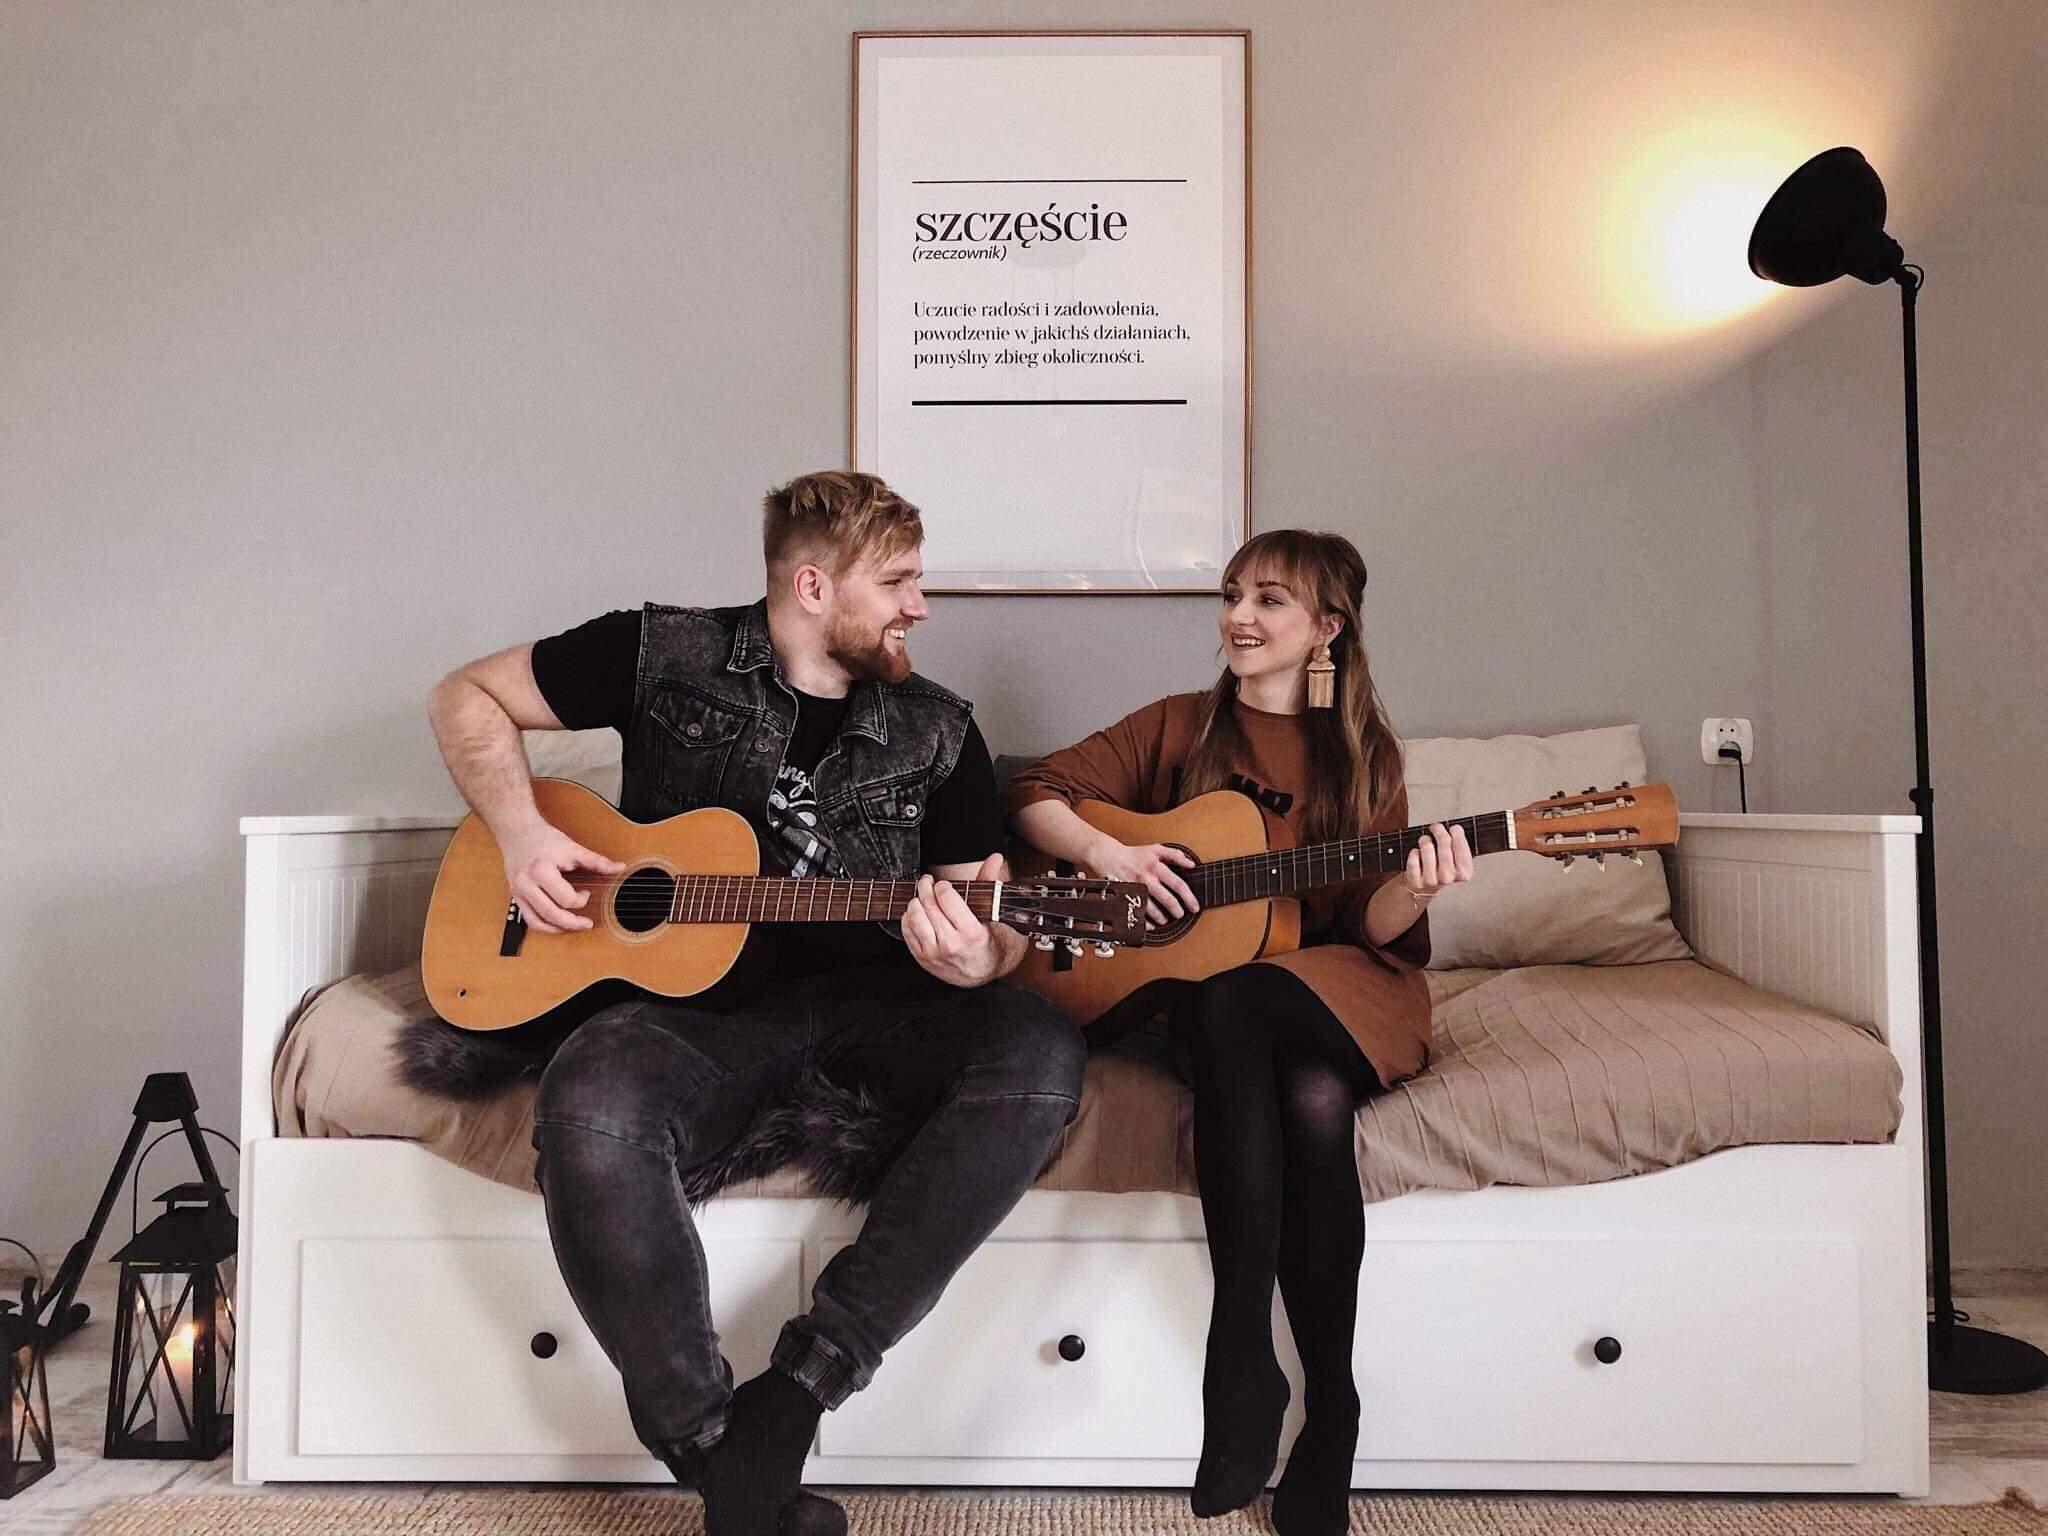 """Daria i Fabian Kowolik jak Lady Gaga iBradley Cooper! Rewelacyjny cover """"Shallow"""""""